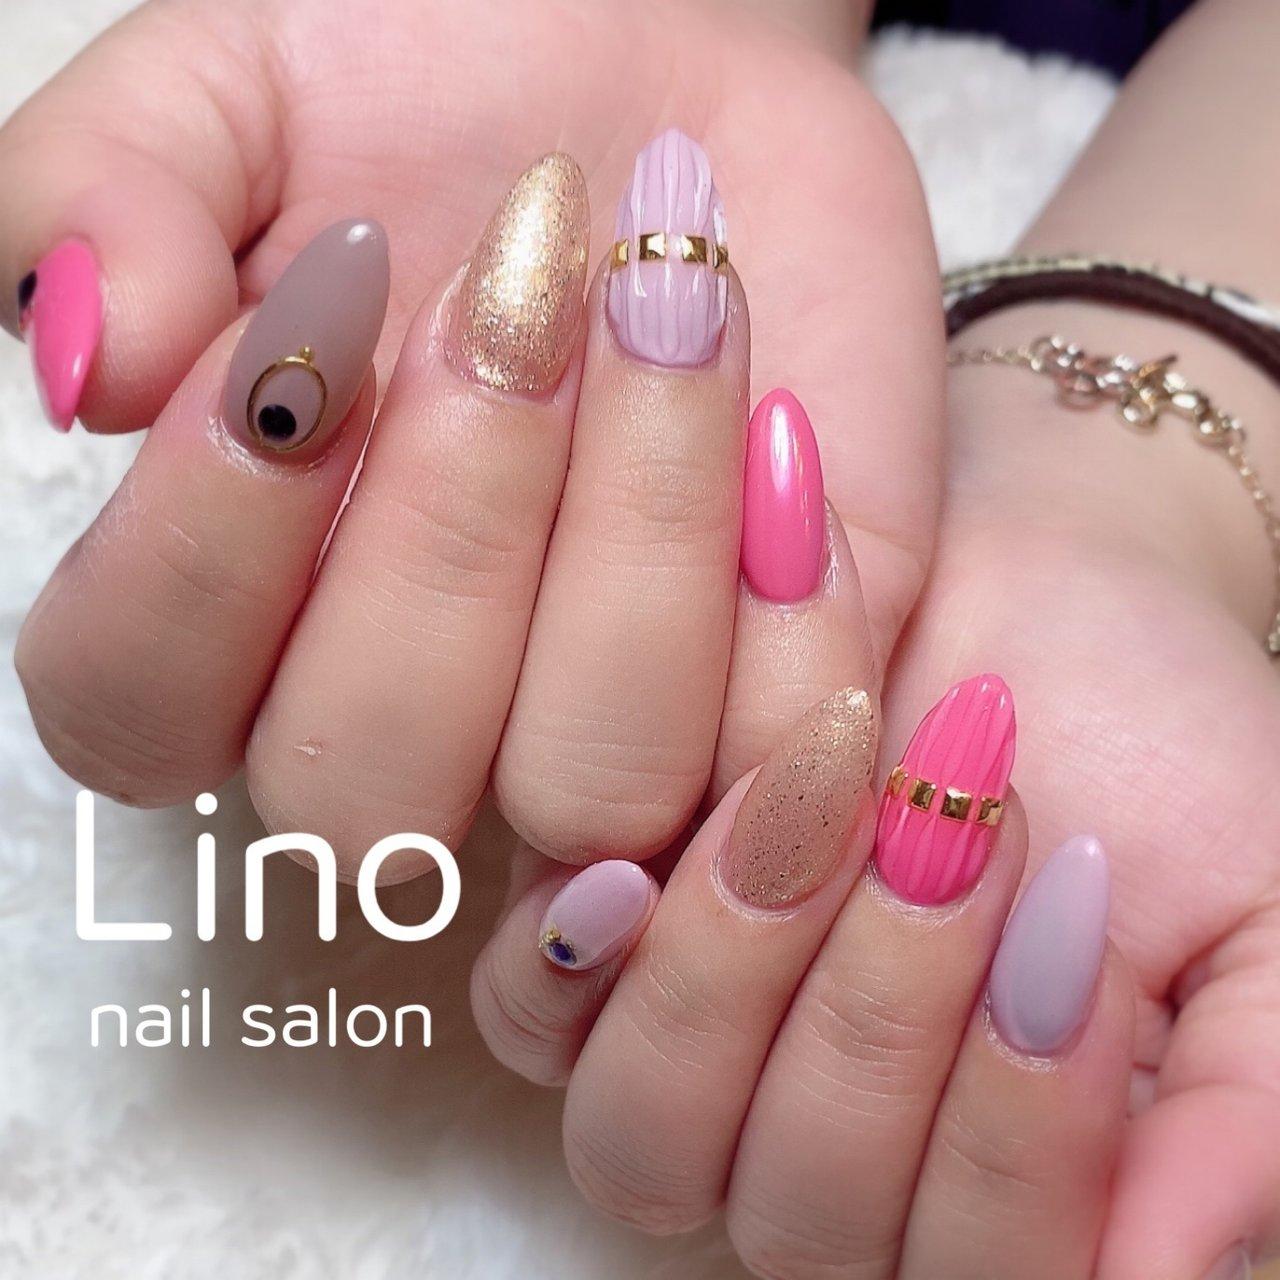 ピンクネイル💅🏻  #ピンク#春カラー #オールシーズン #ハンド #シンプル #ロング #ピンク #グレージュ #ジェル #お客様 #Lino #ネイルブック